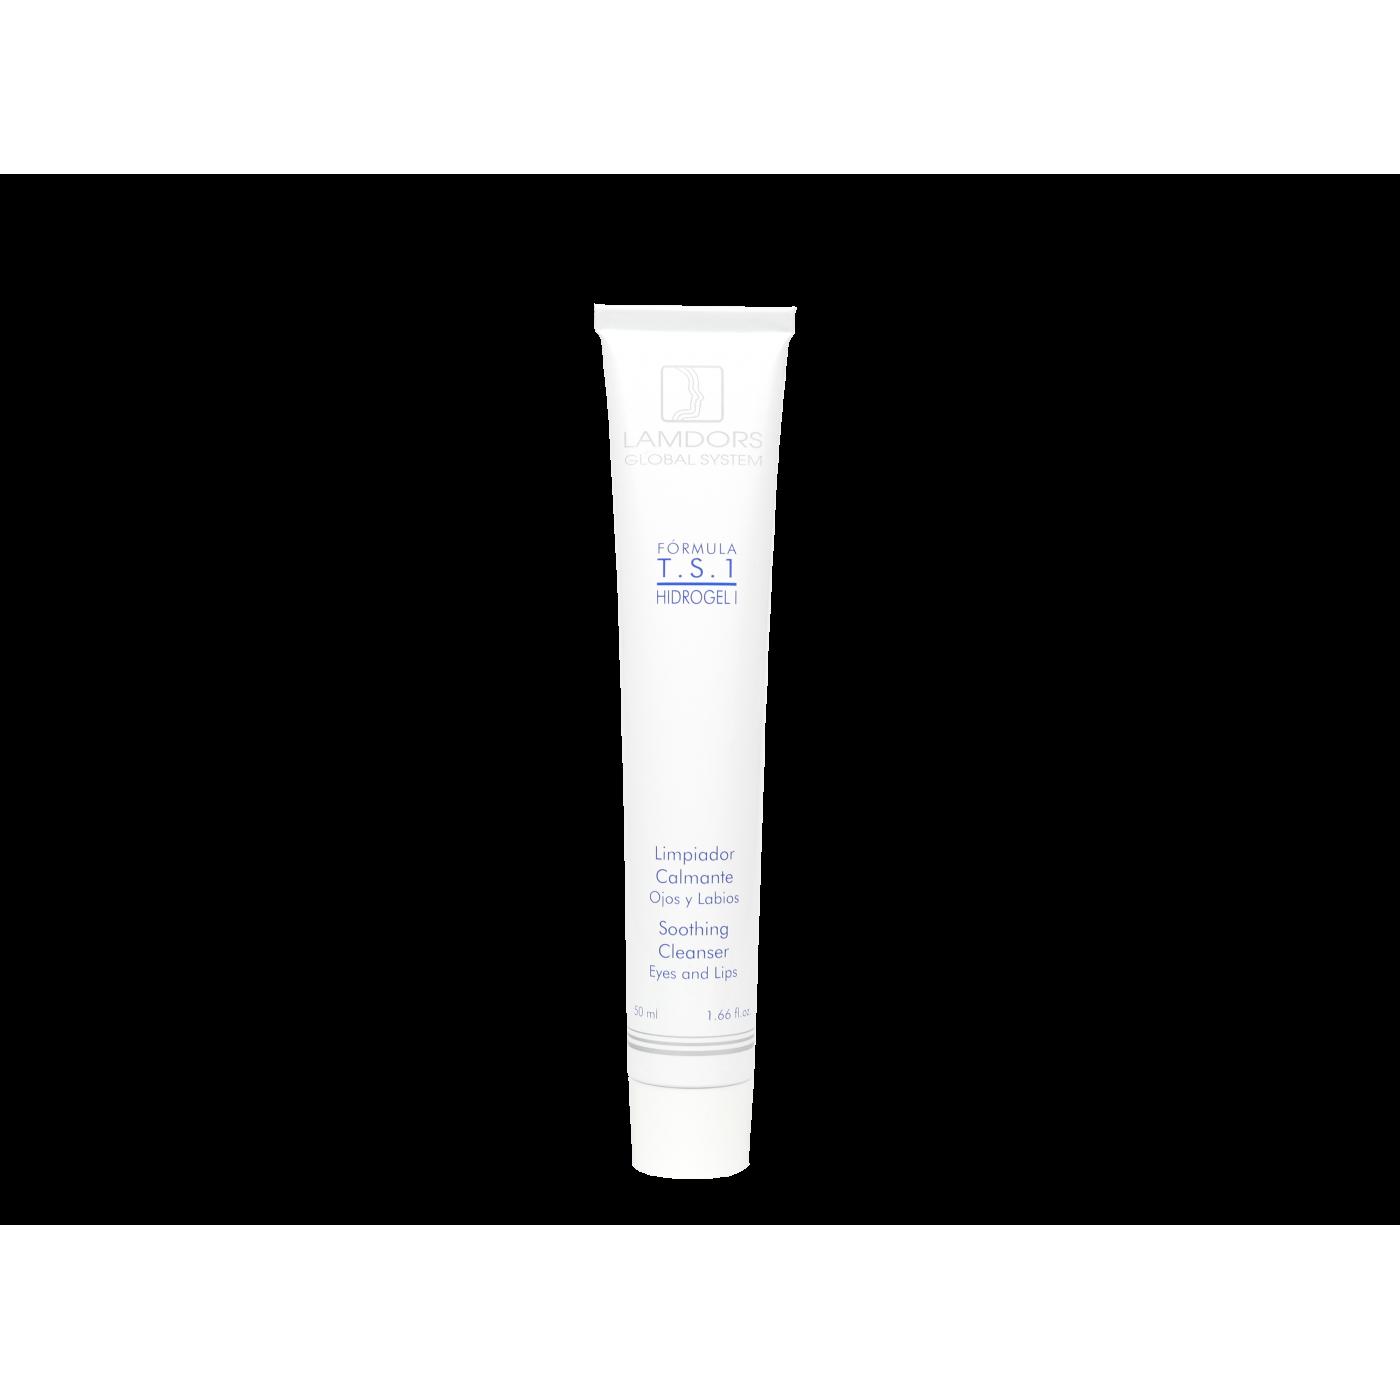 Limpiador Calmante T.S.1 HIDROGEL I 50ml